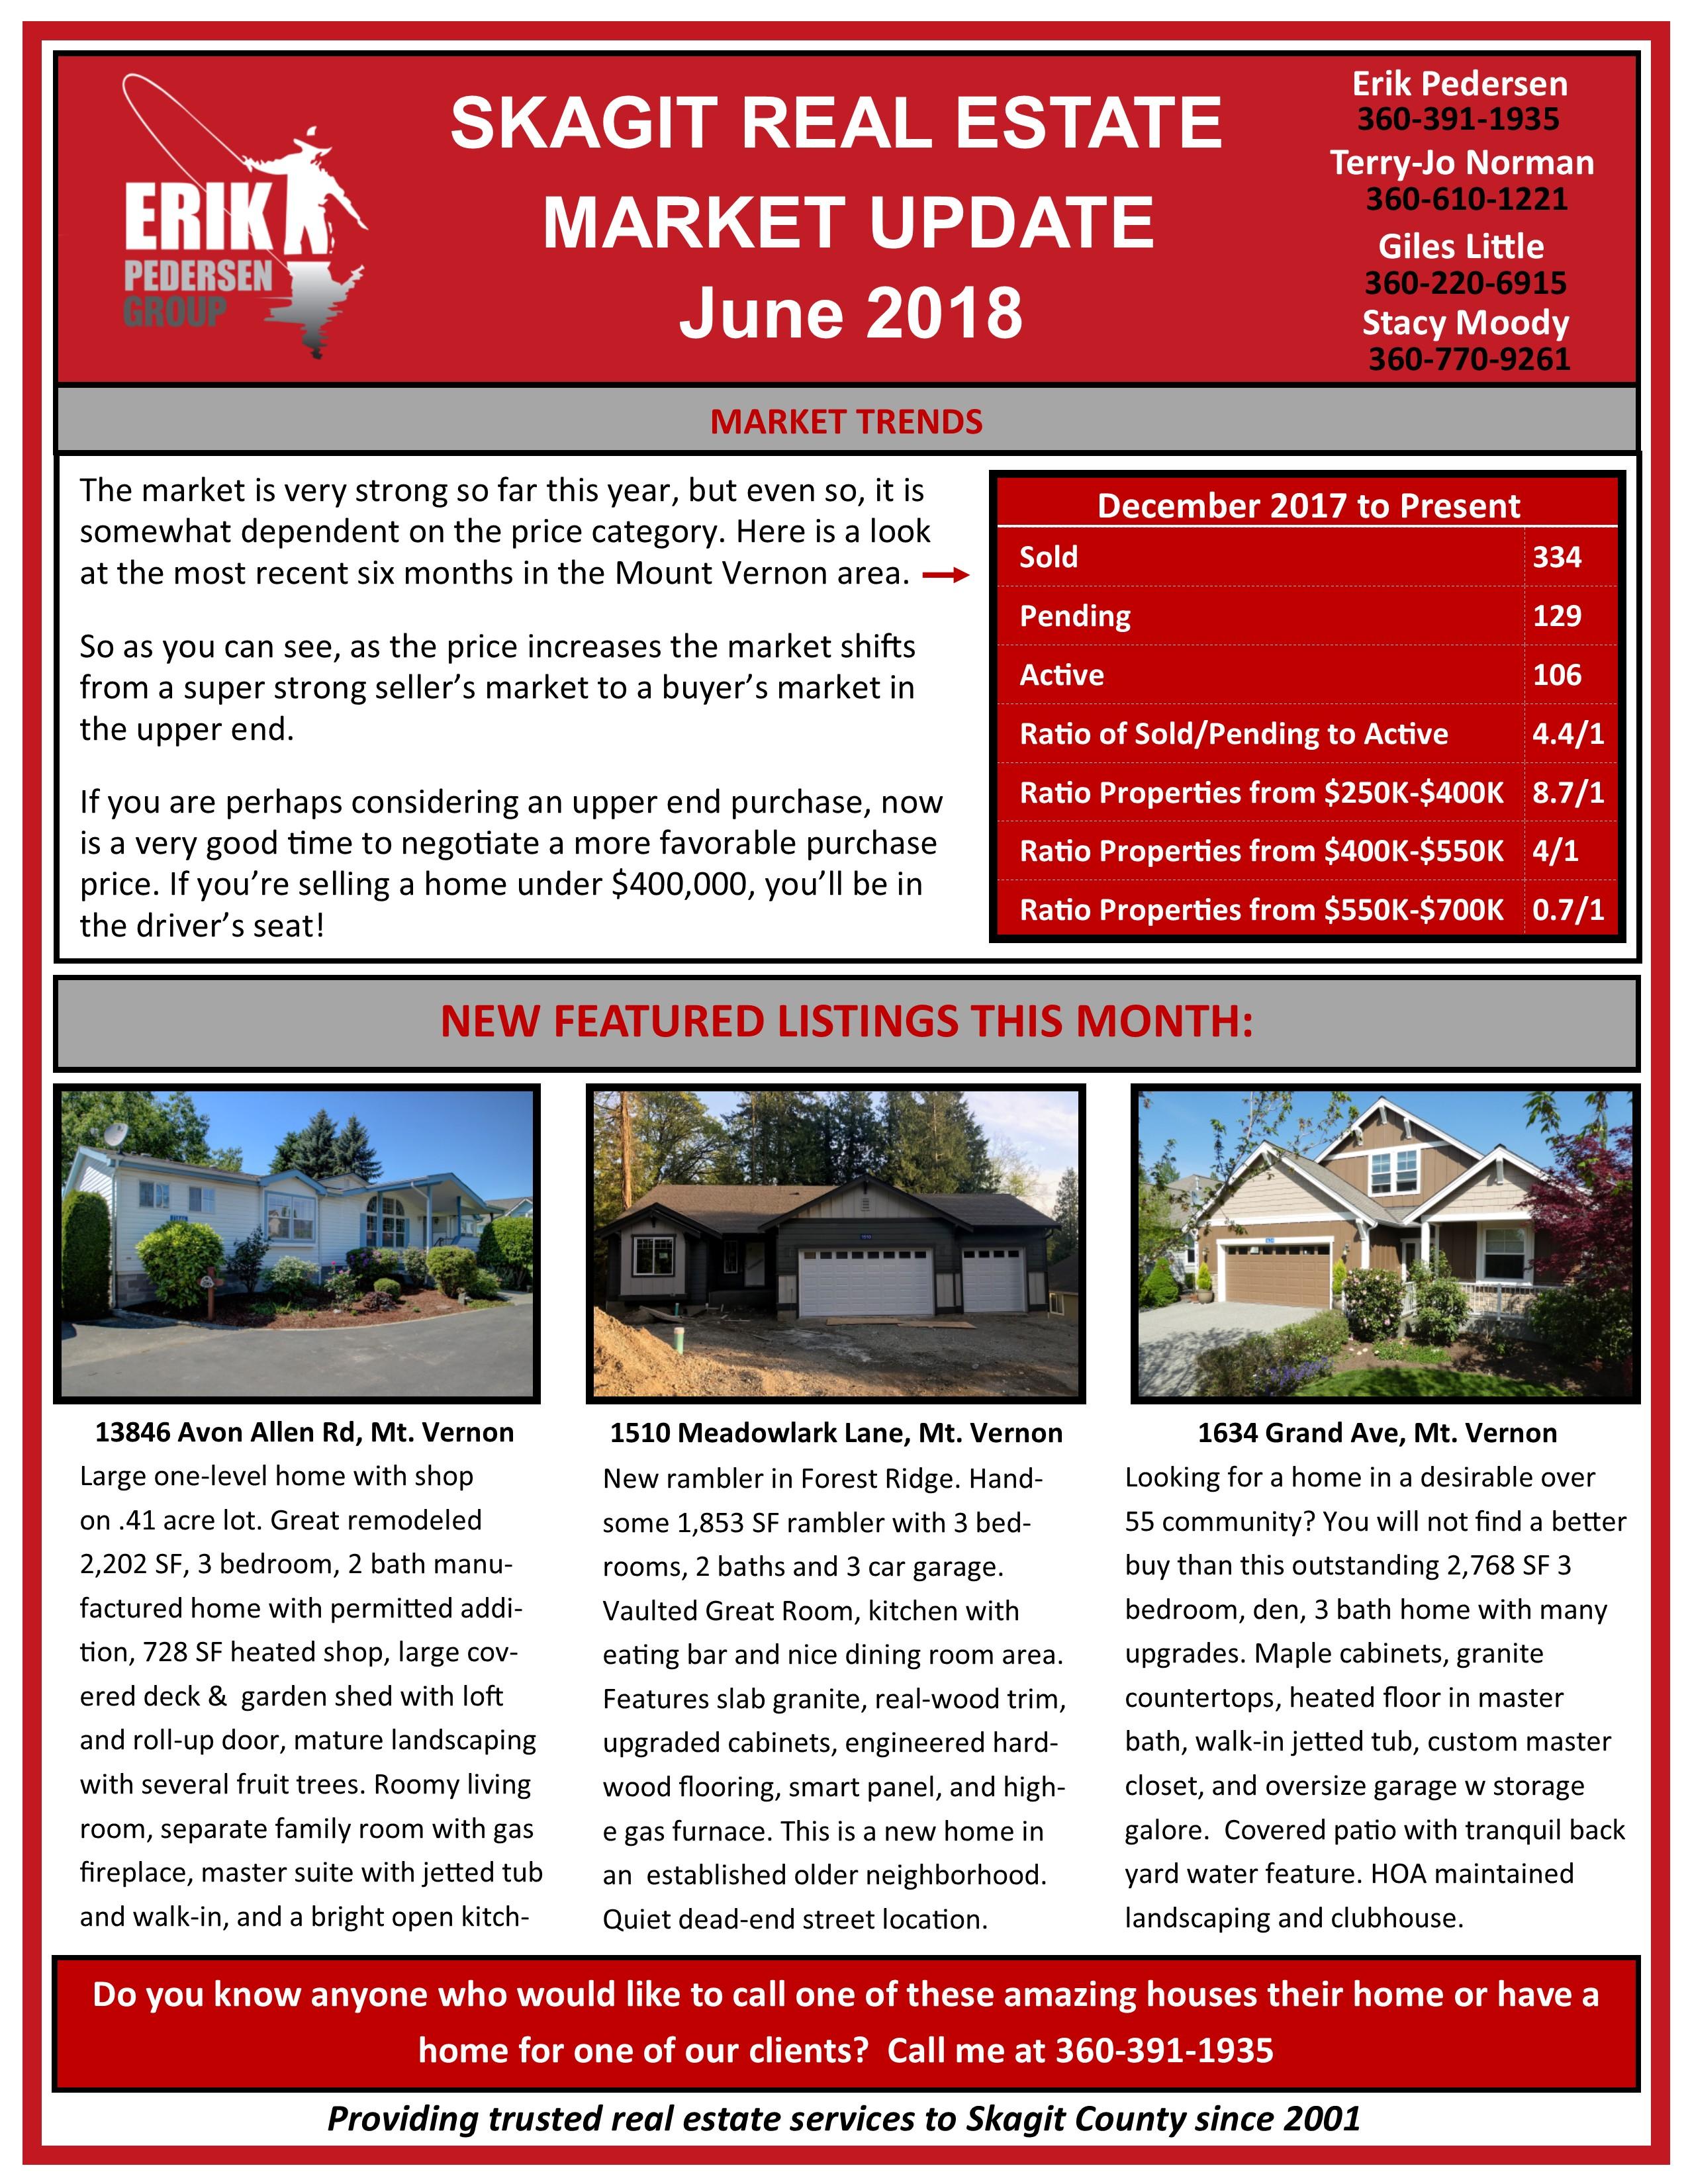 Skagit Real Estate Update